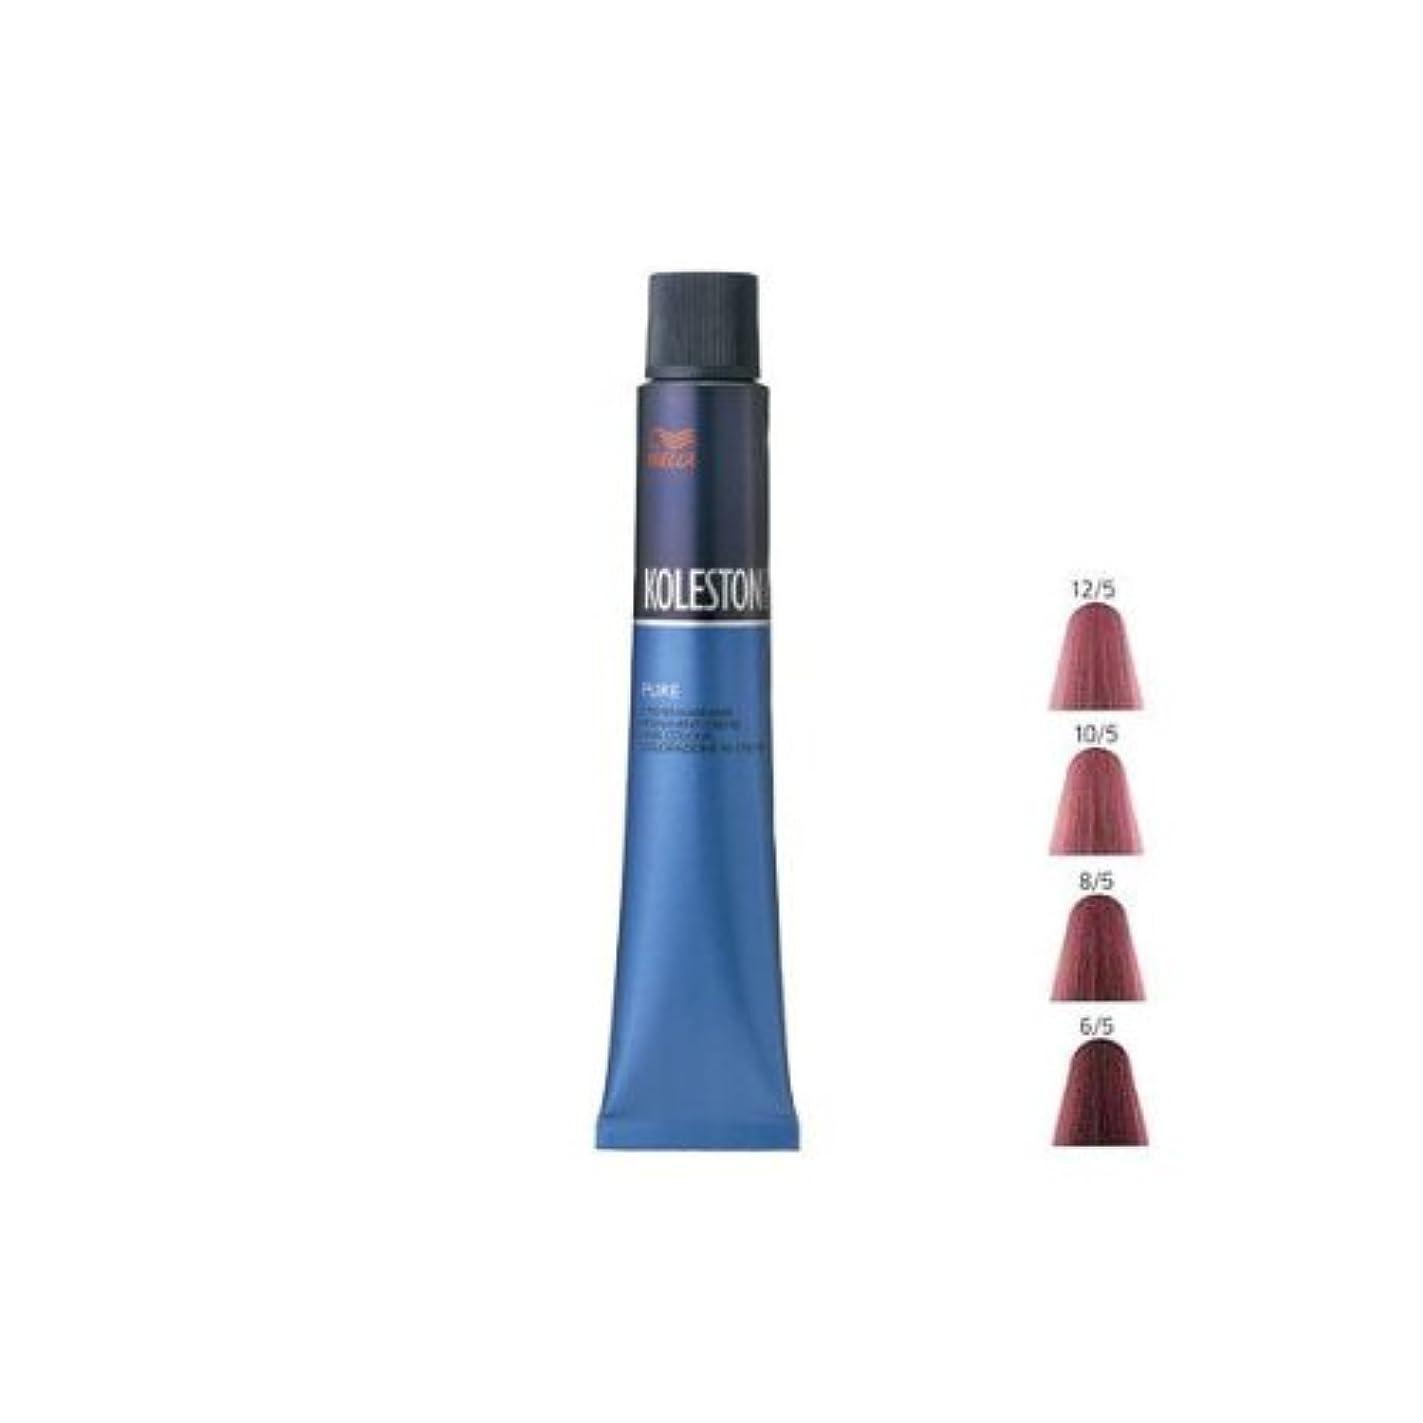 最適ペインティンググリルウエラ コレストン パーフェクト Pure[ローズ 5](1剤) 80g【WELLA】 (6/5)